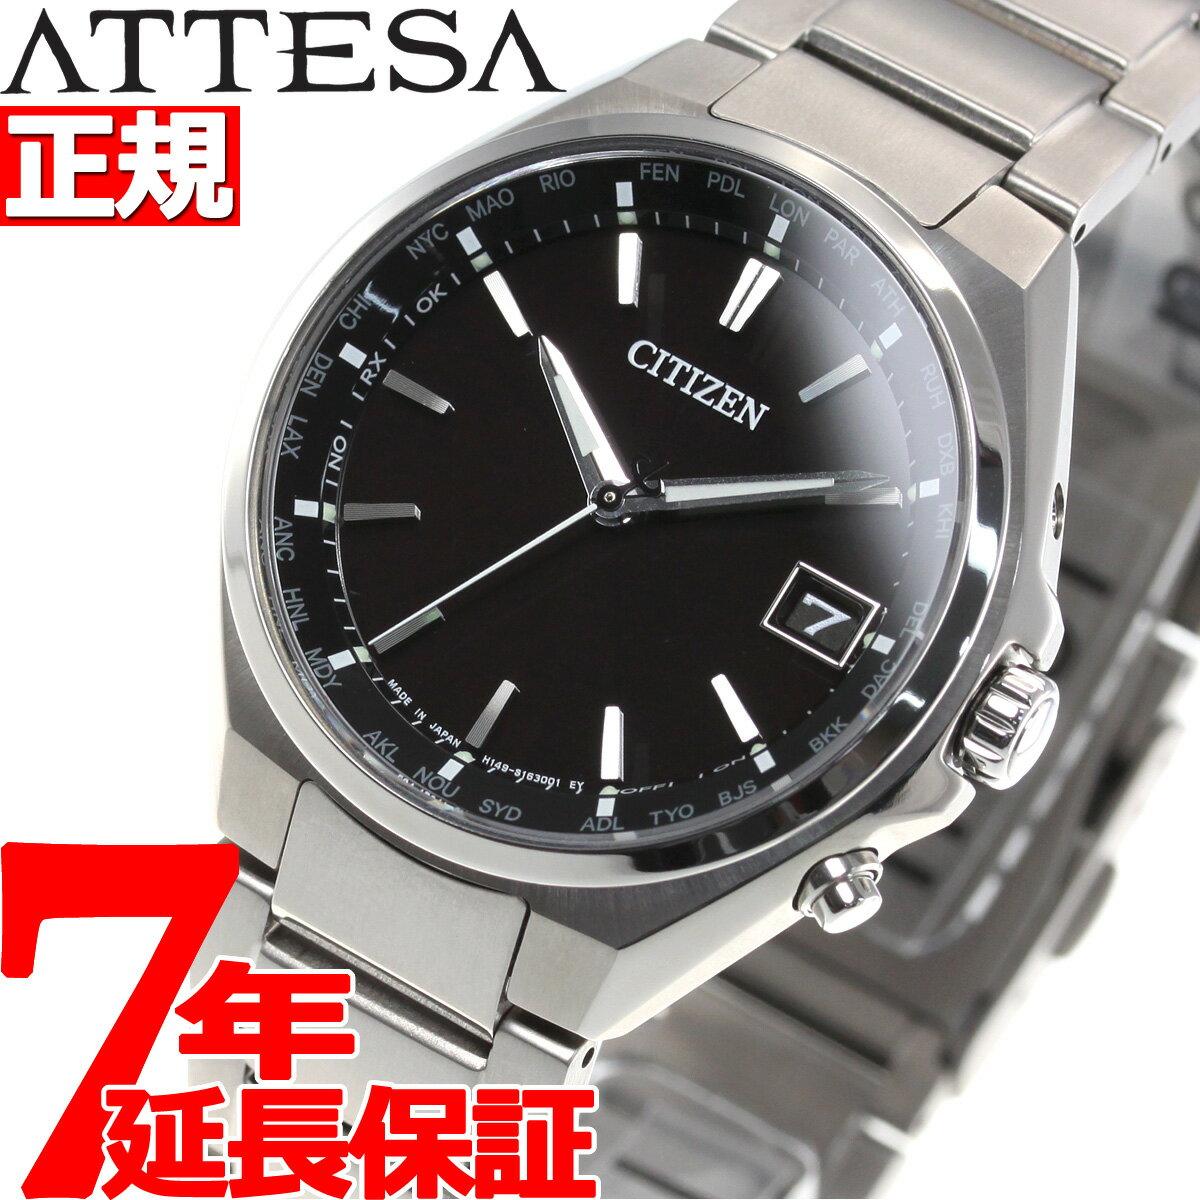 腕時計, メンズ腕時計 18105000OFF37.5182359 CITIZEN ATTESA CB1120-50E